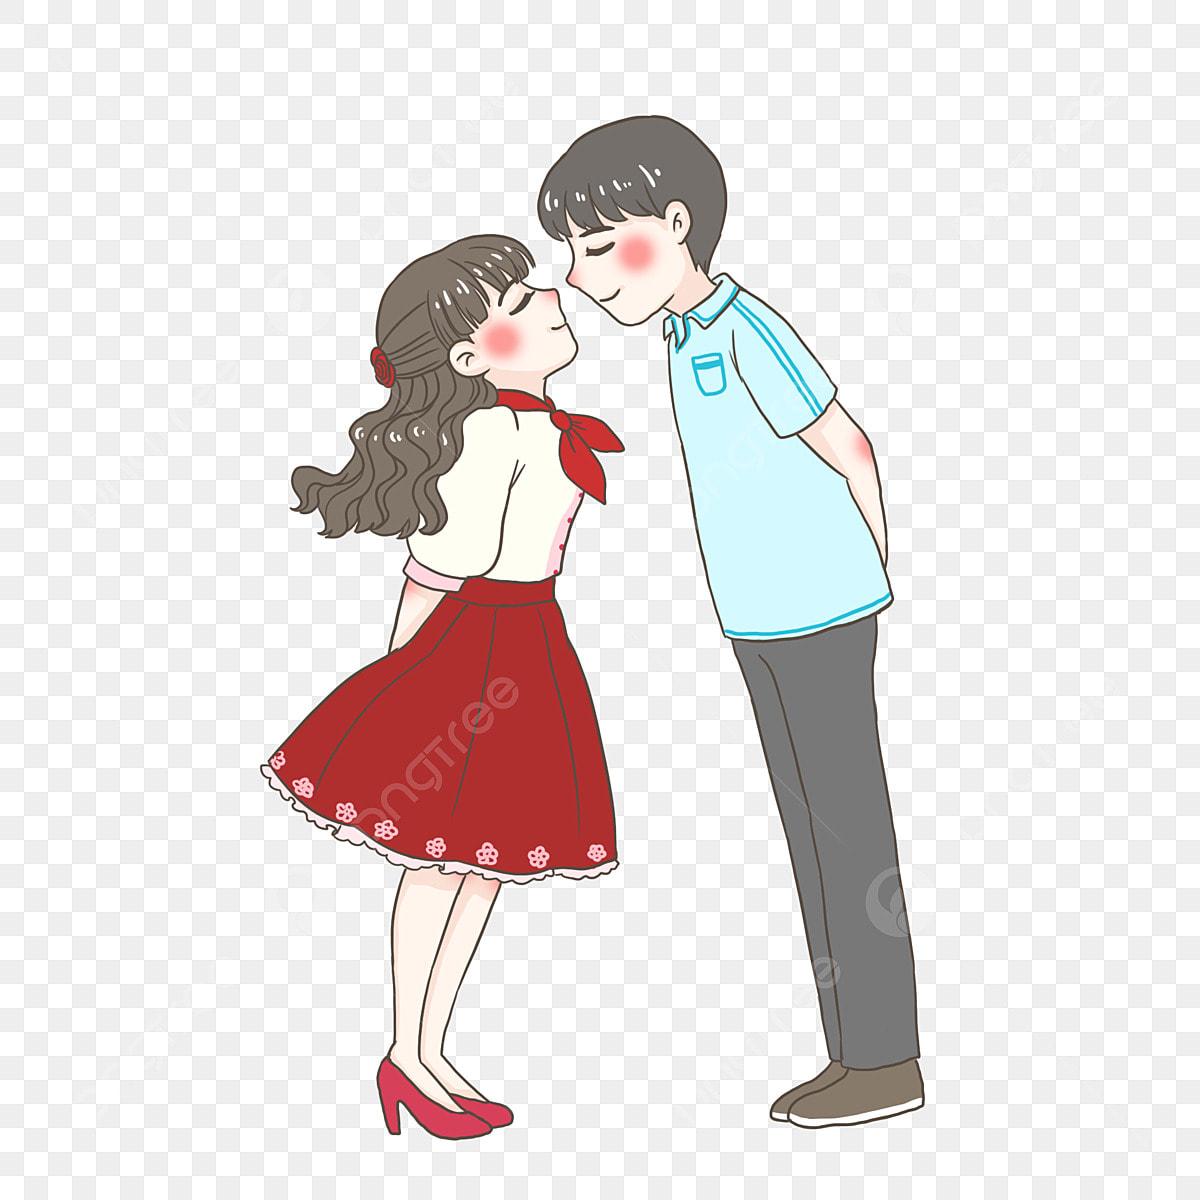 عيد الحب عشاق رومانسي حميم حميم قبلة فتاة فتى لطيف Png وملف Psd